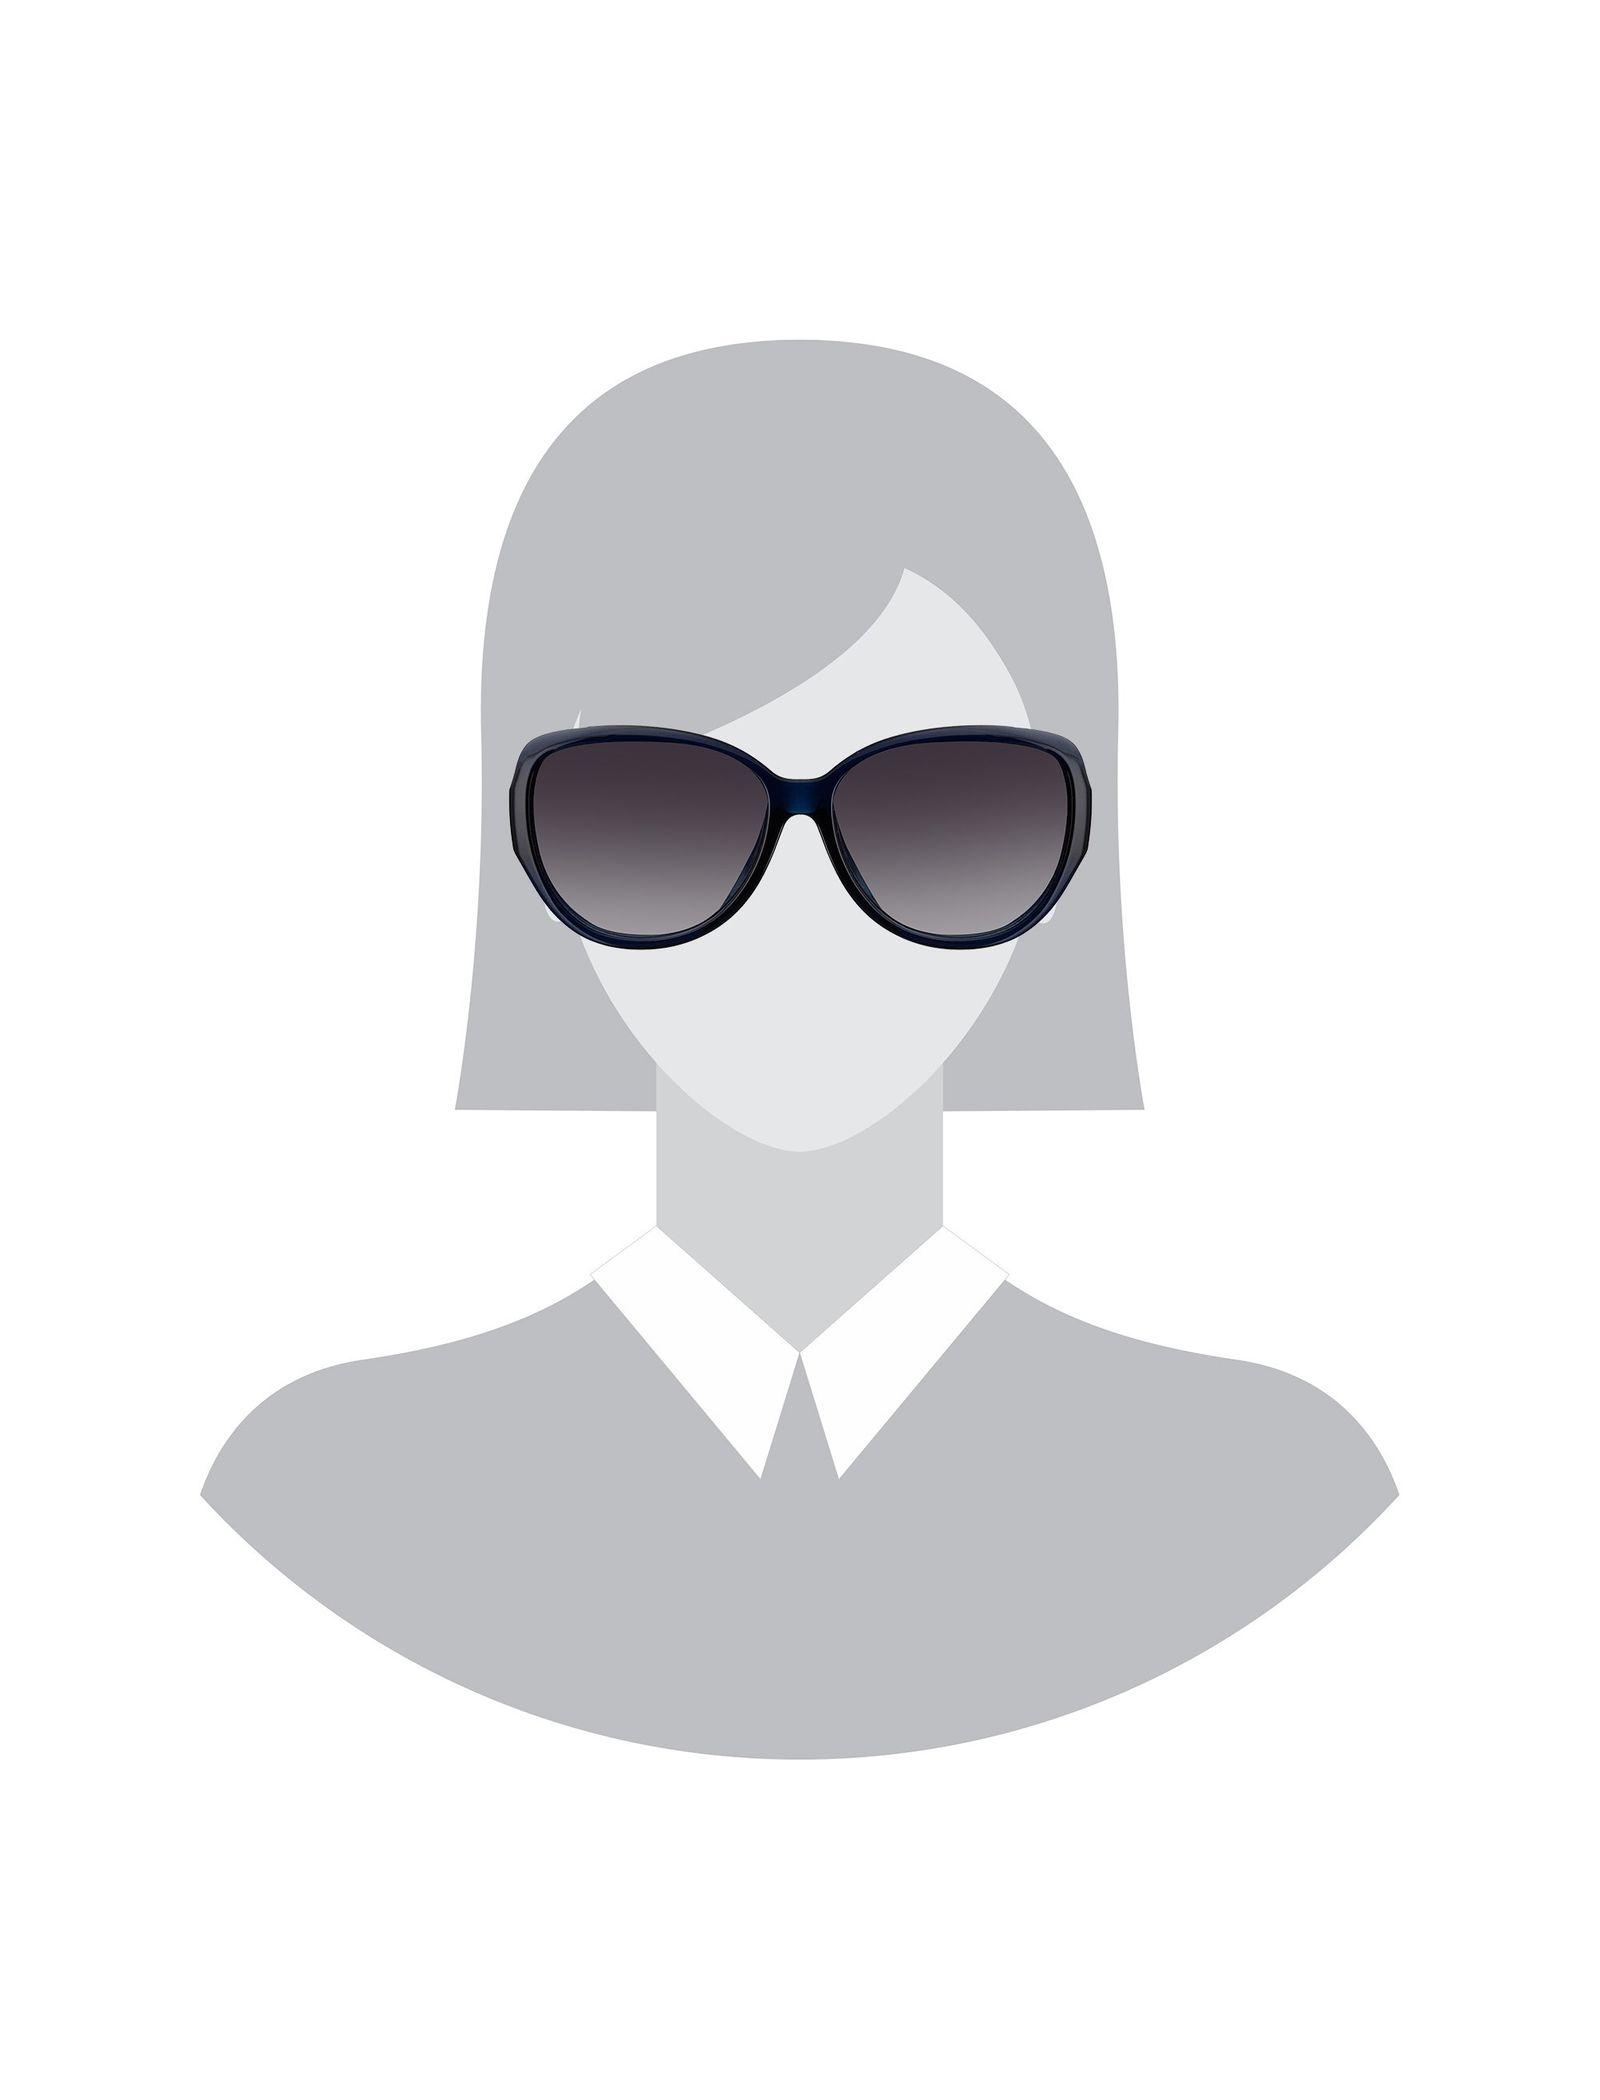 عینک آفتابی گربه ای زنانه - تد بیکر - آبي   - 4